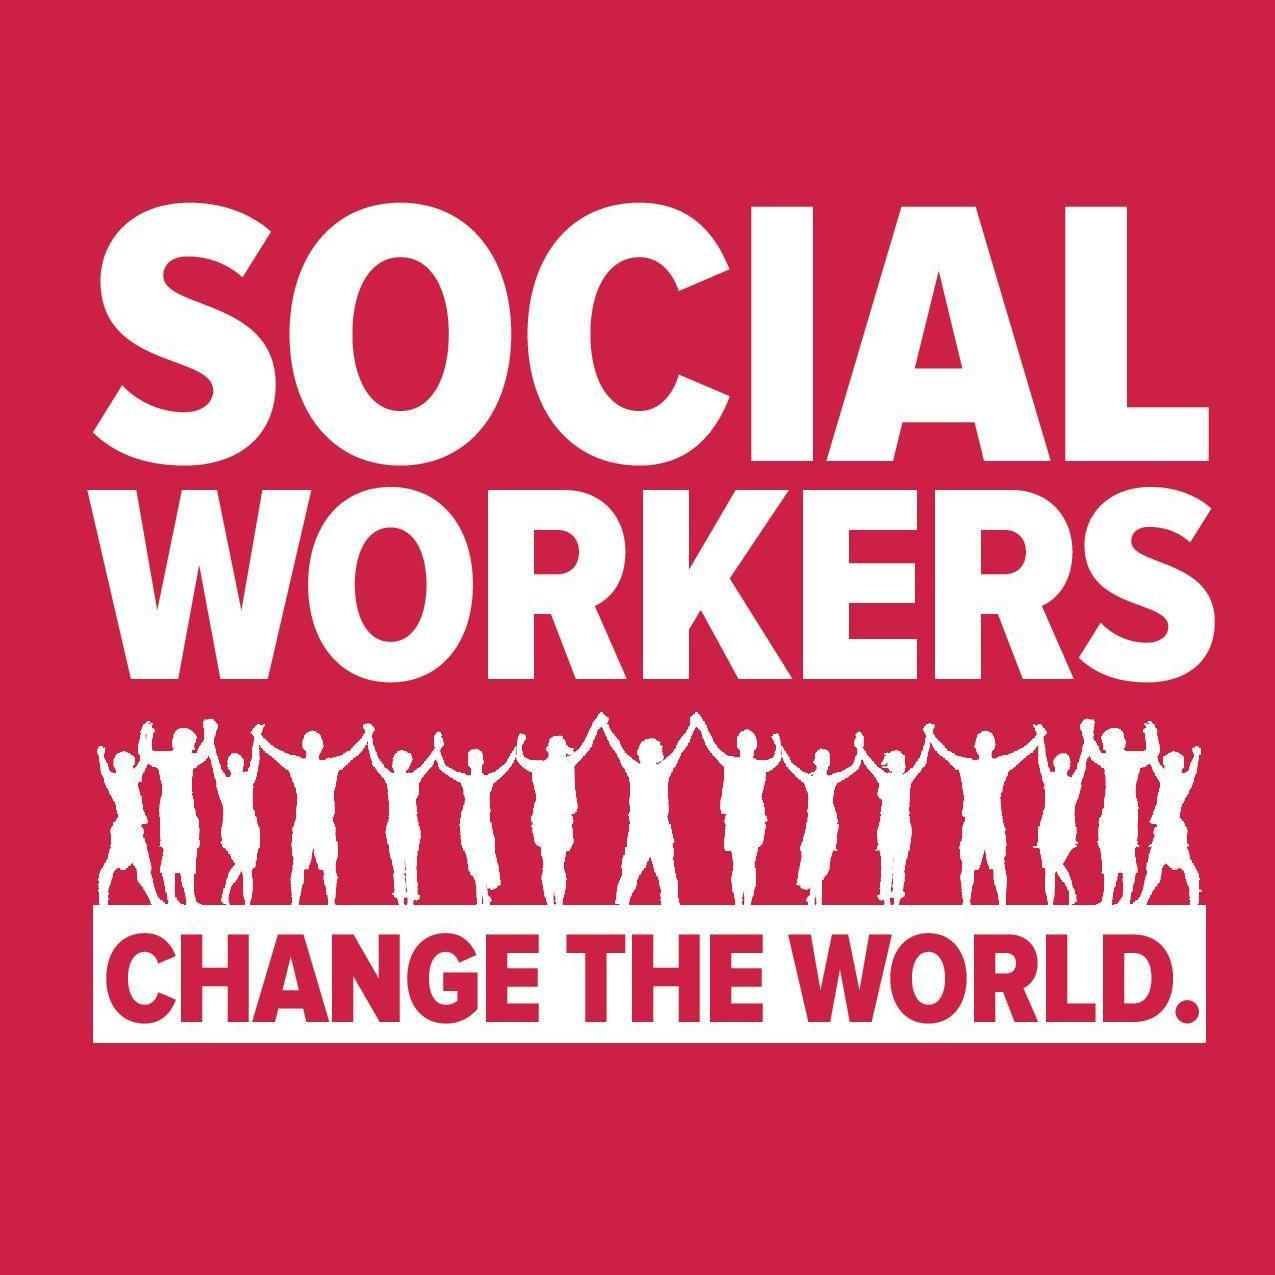 social_workers.jpg